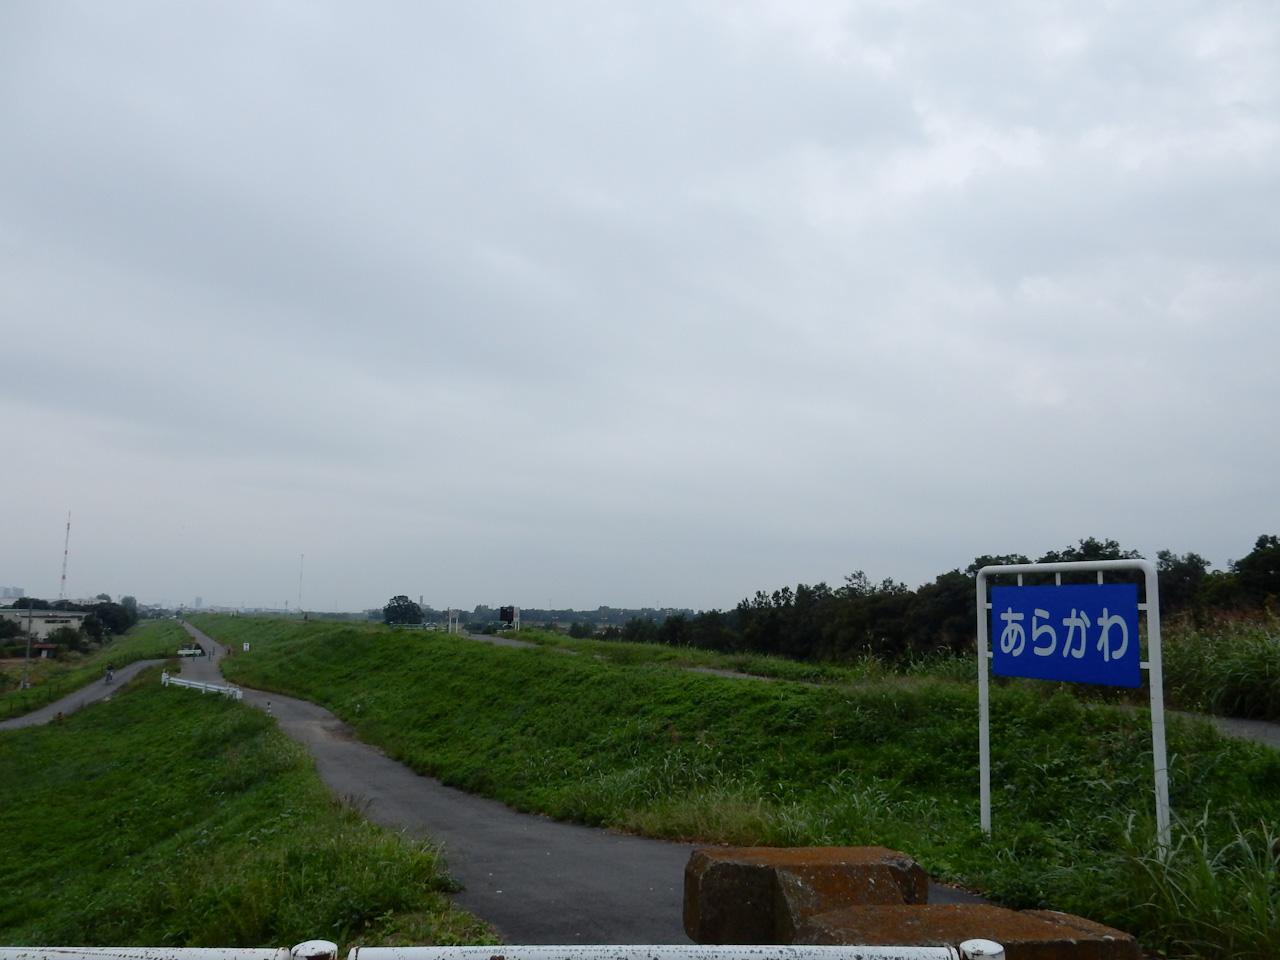 荒川サイクリングロード 羽根倉橋の東側